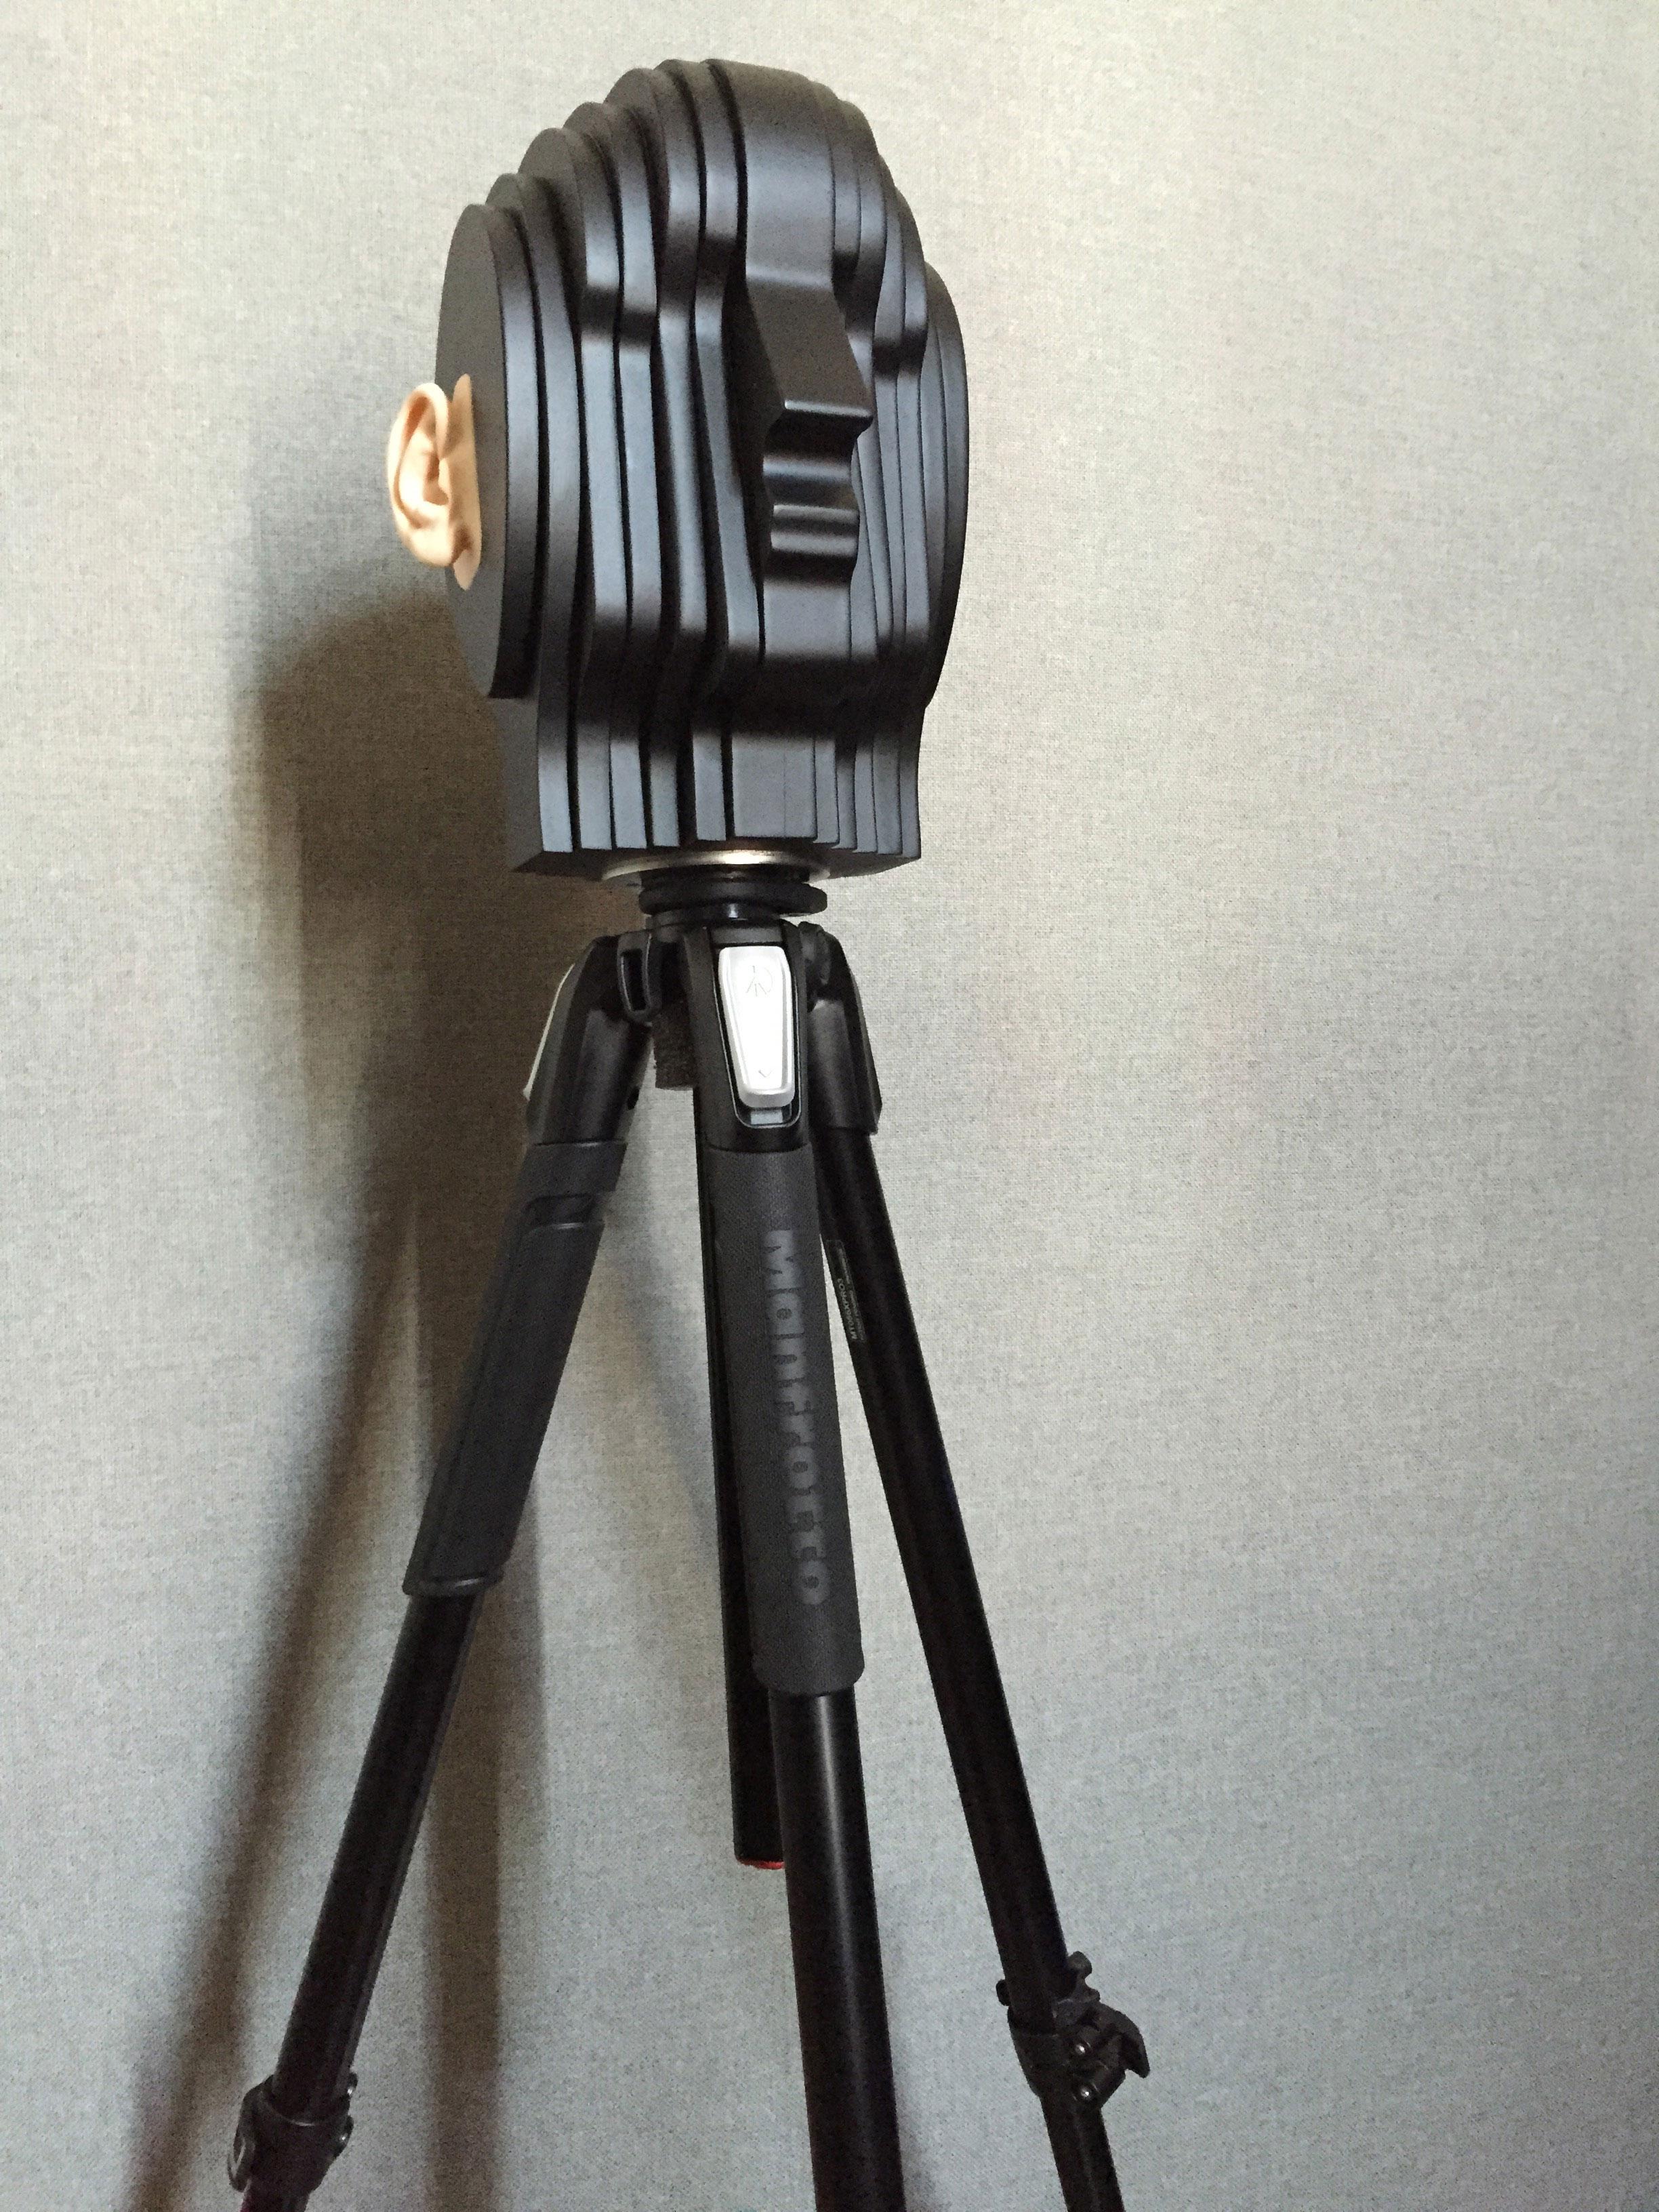 Binaural Recording Spatial Audio 3D Sound Dummy Head on Tripod